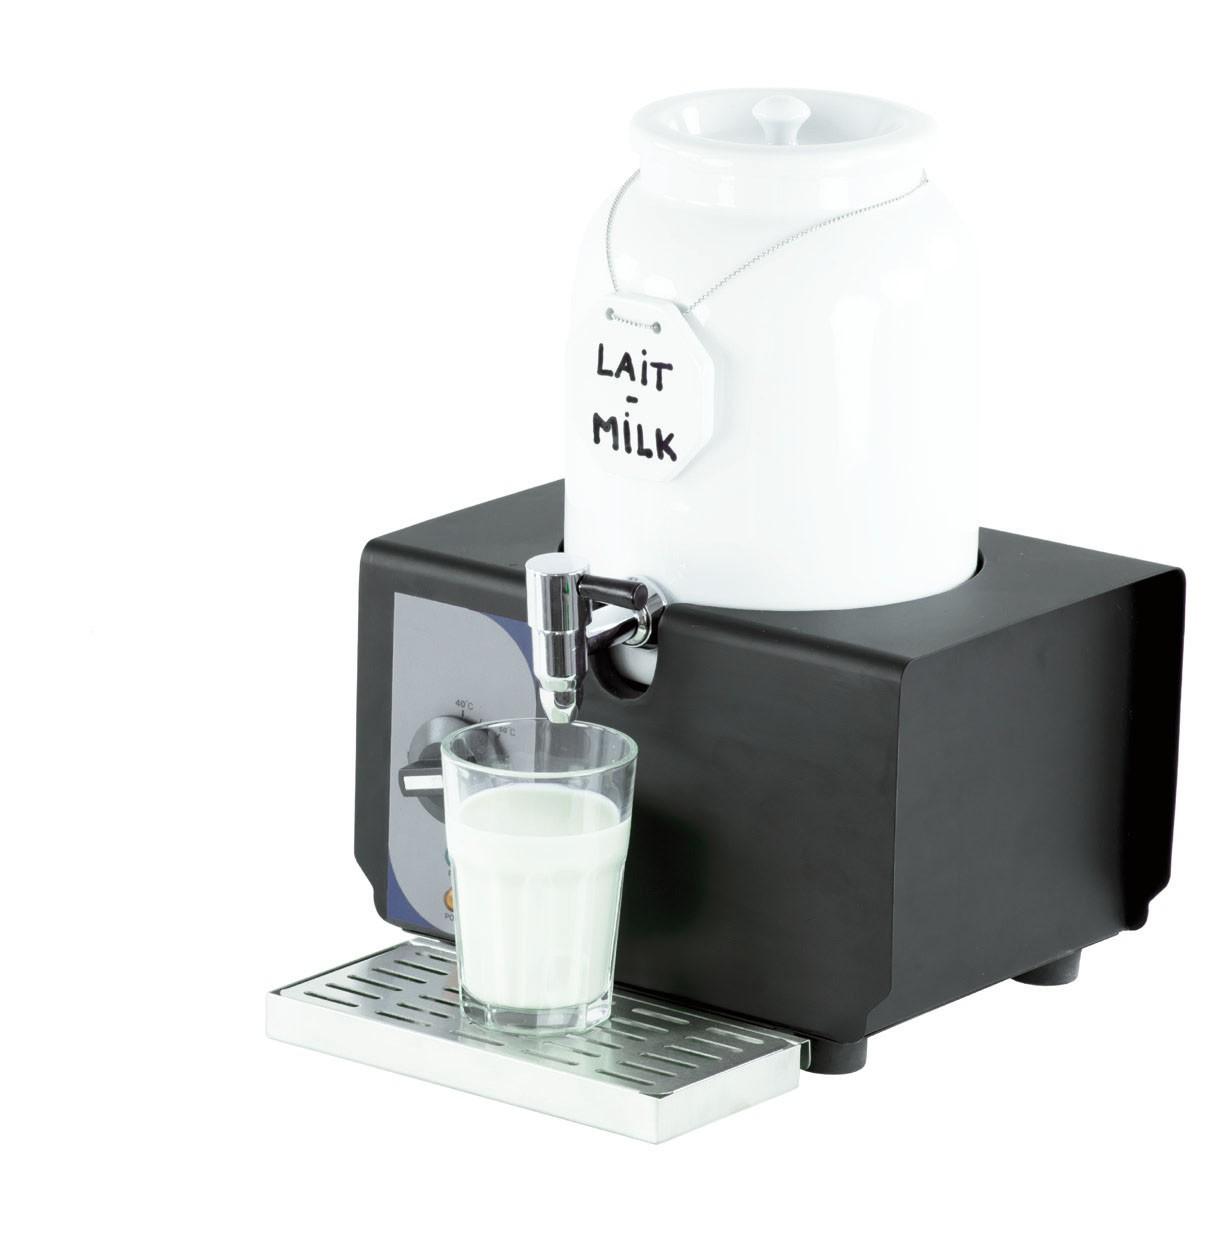 distributeur de lait chaud en porcelaine 4l stl sarl materiels. Black Bedroom Furniture Sets. Home Design Ideas